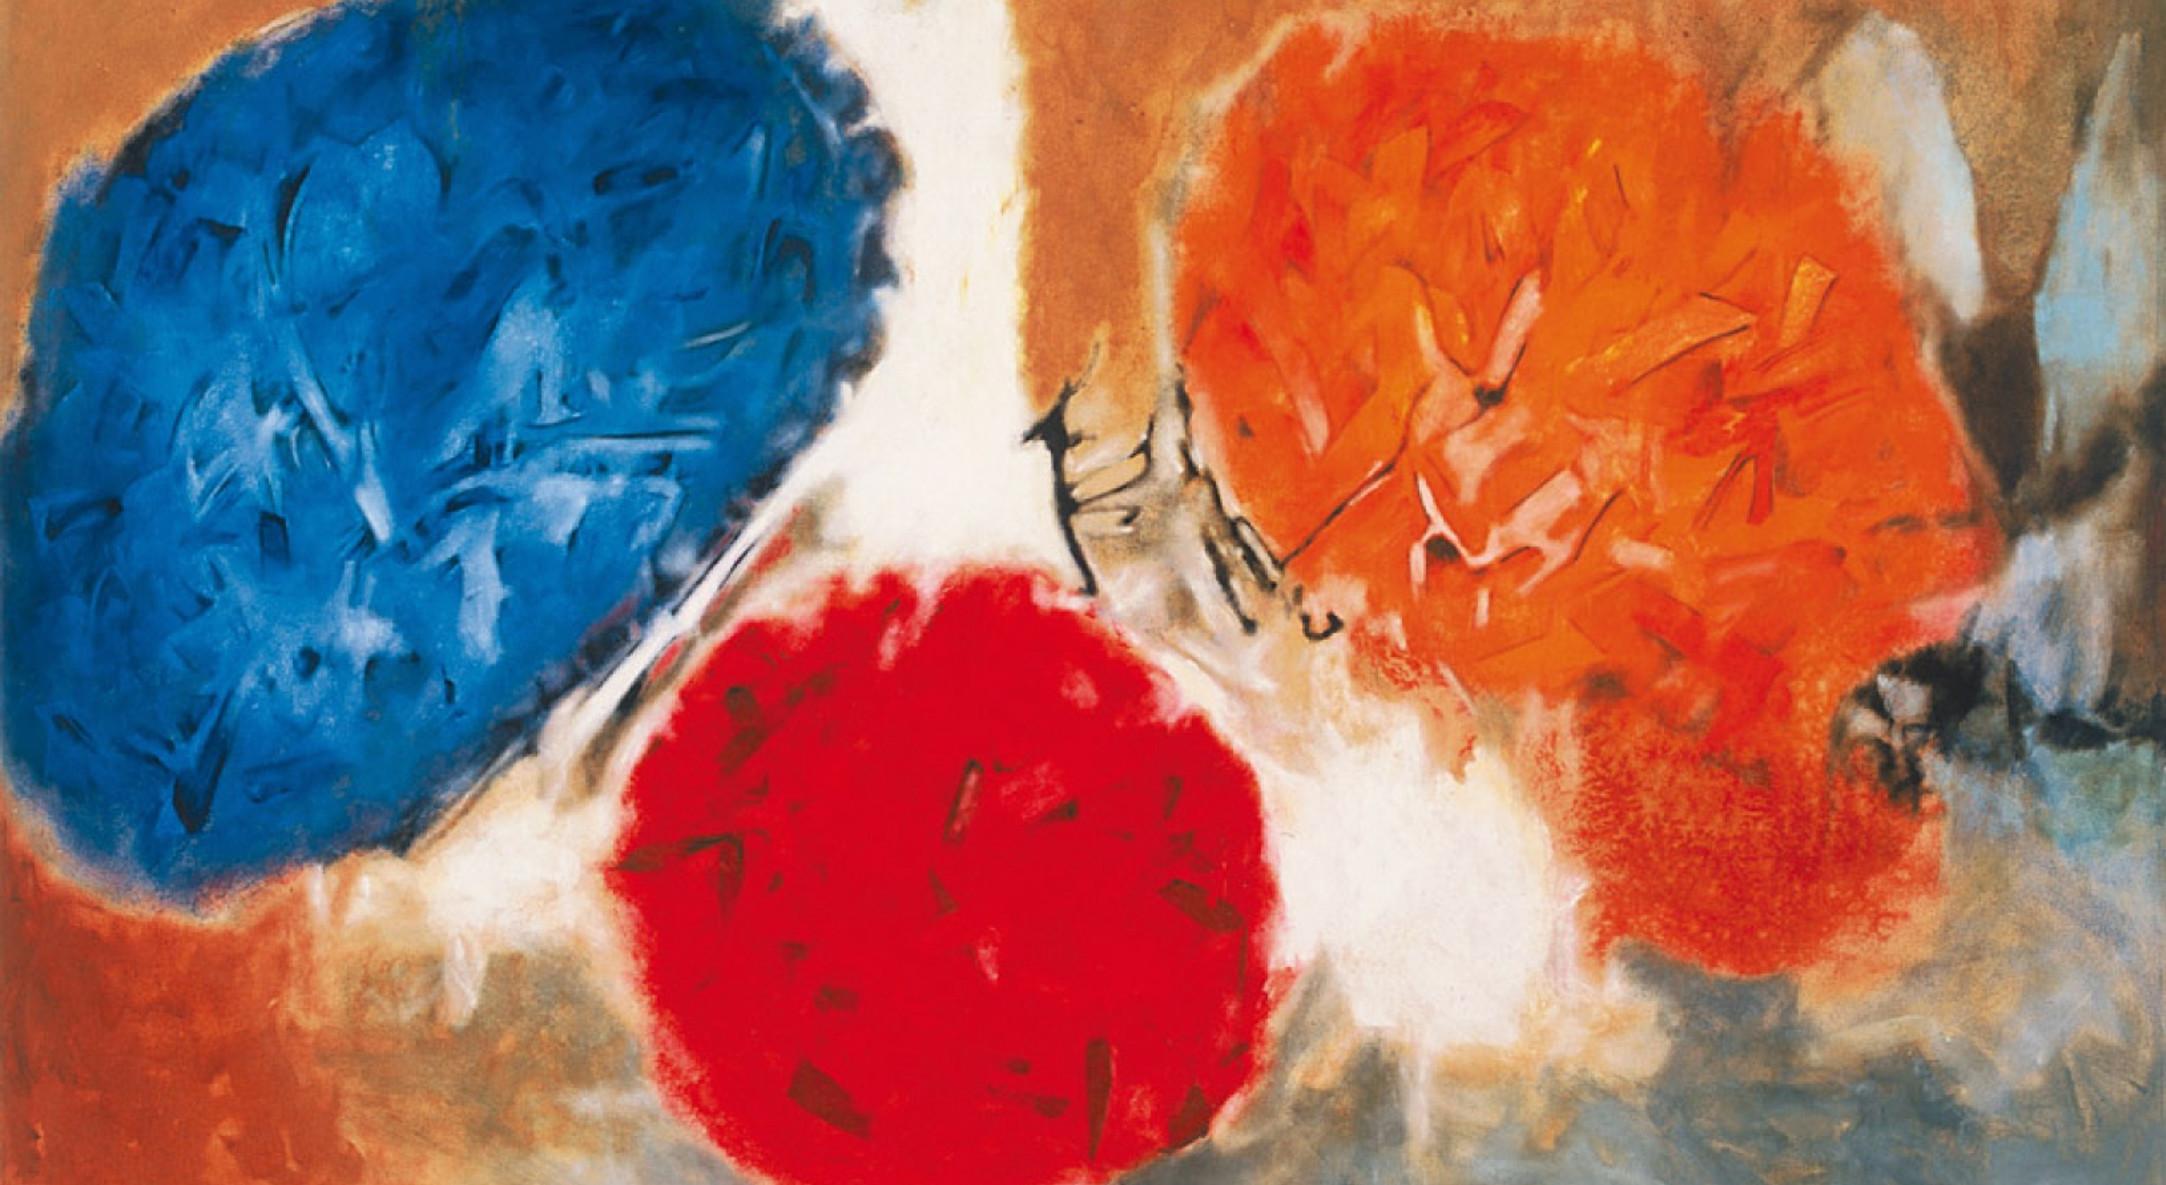 Aubrey Williams, Shostakovich 10th Symphony, Opus 93, 1981, Oil on canvas, 163 x 245 cm, 64 1/8 x 96 1/2 in